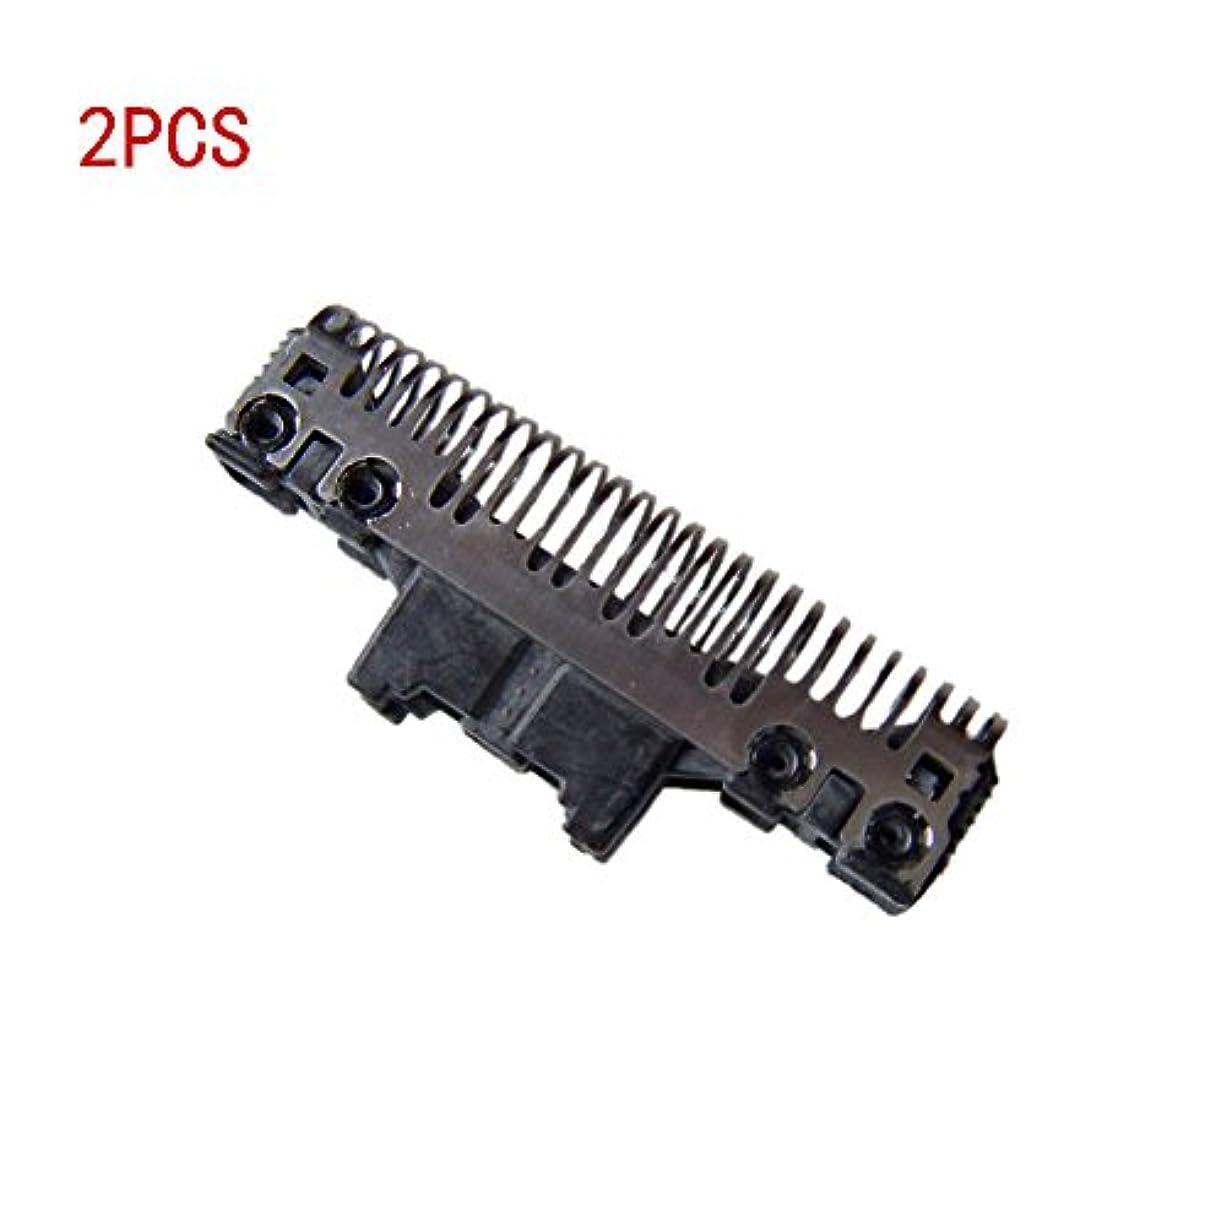 一方、溶接こどもの宮殿Hzjundasi シェーバーパーツ 部品 内刃 往復式シェーバー替刃 耐用 高質量 for Panasonic ES9072/7021/7022/7023/7026/7027/7006/7007